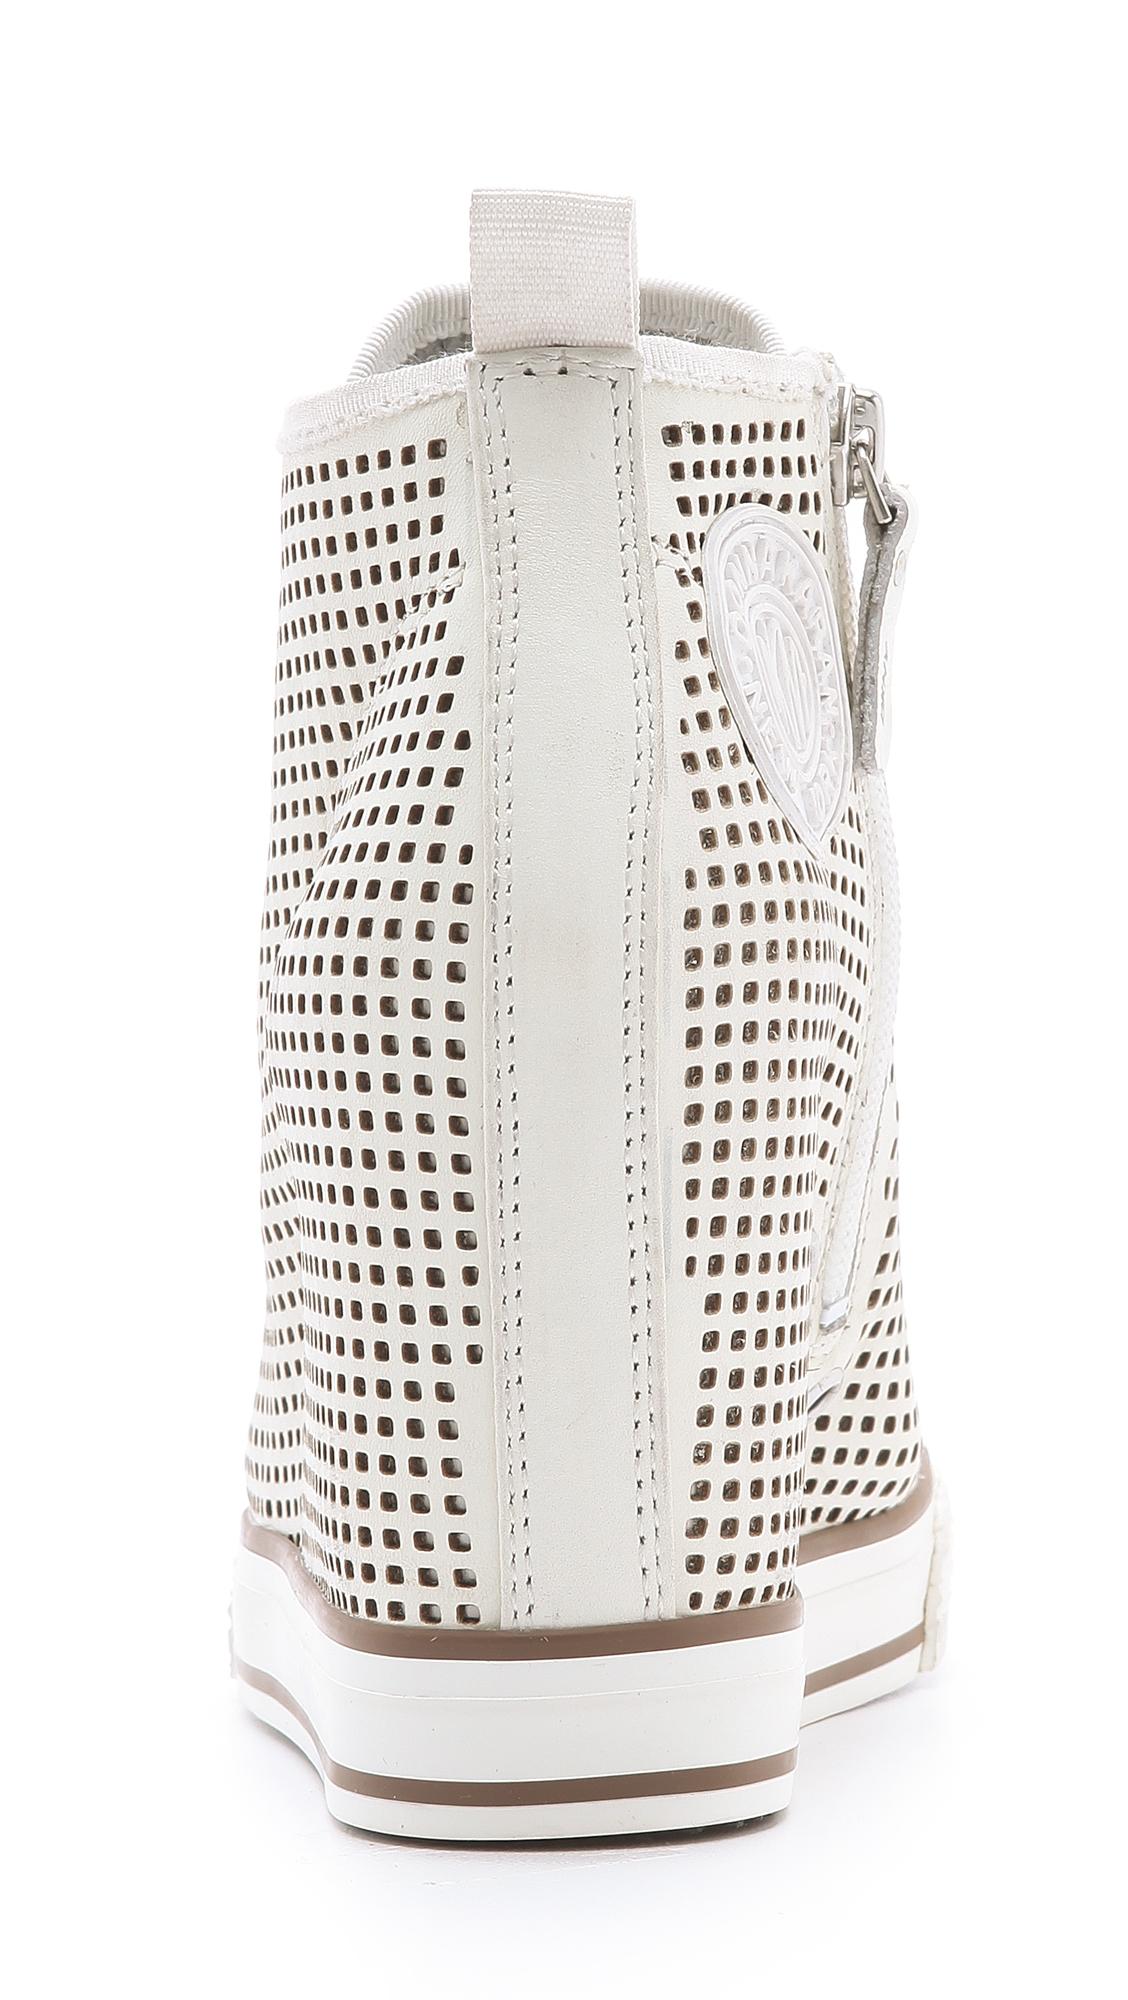 DKNY Grommet Wedge Sneakers in Grey